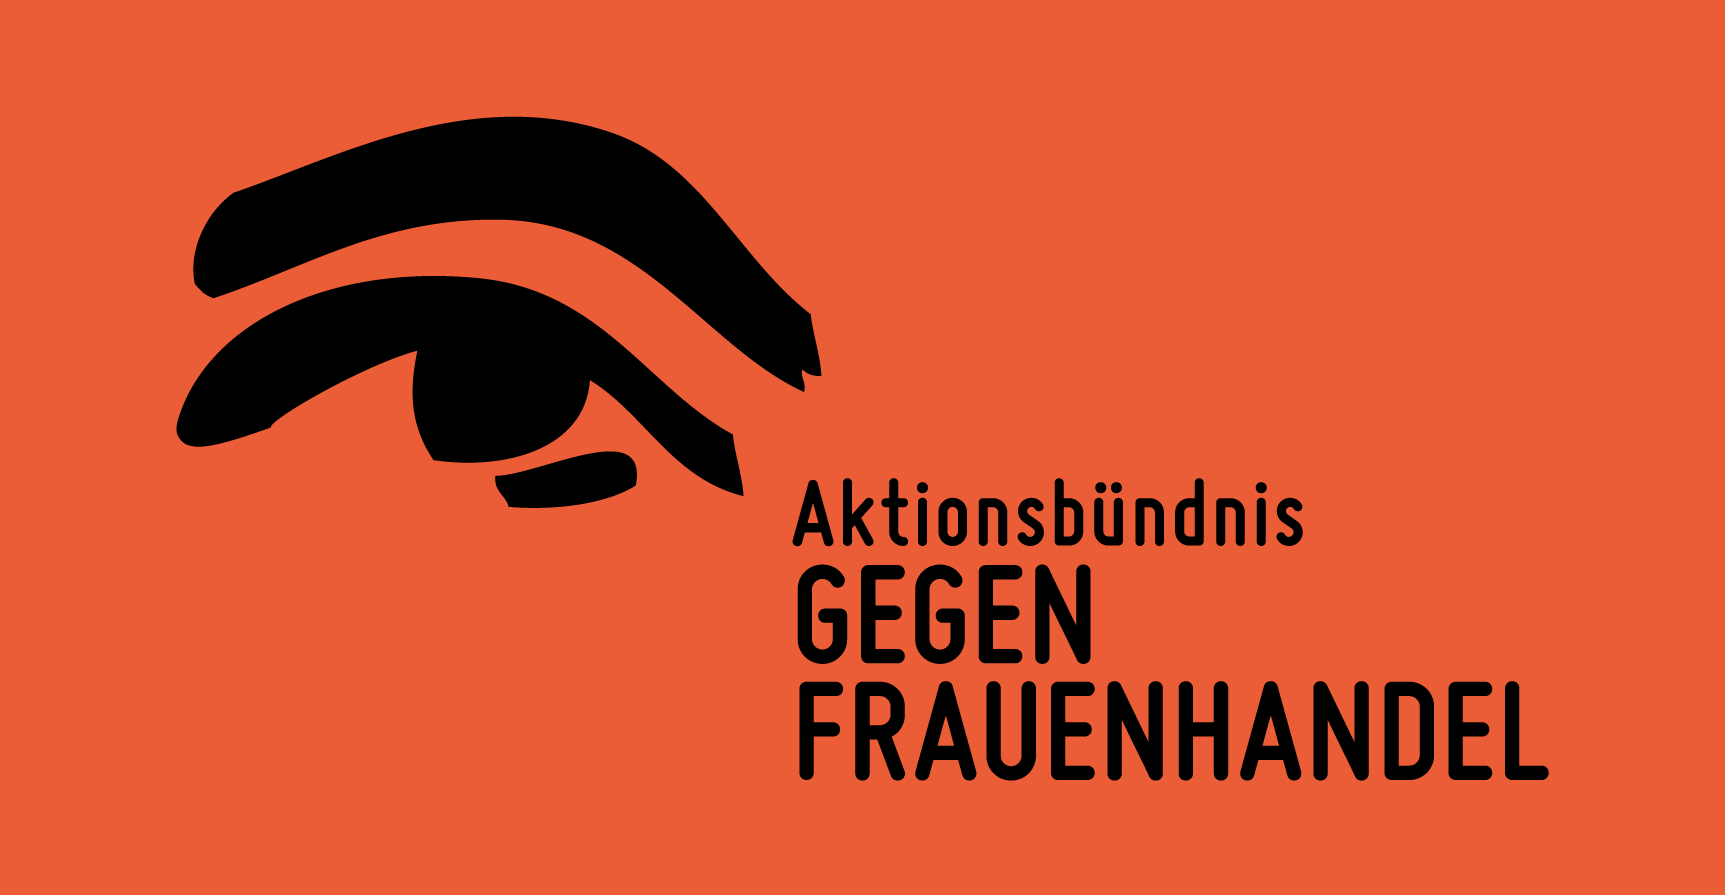 GegenFrauenhandel_Logo_Orange .png